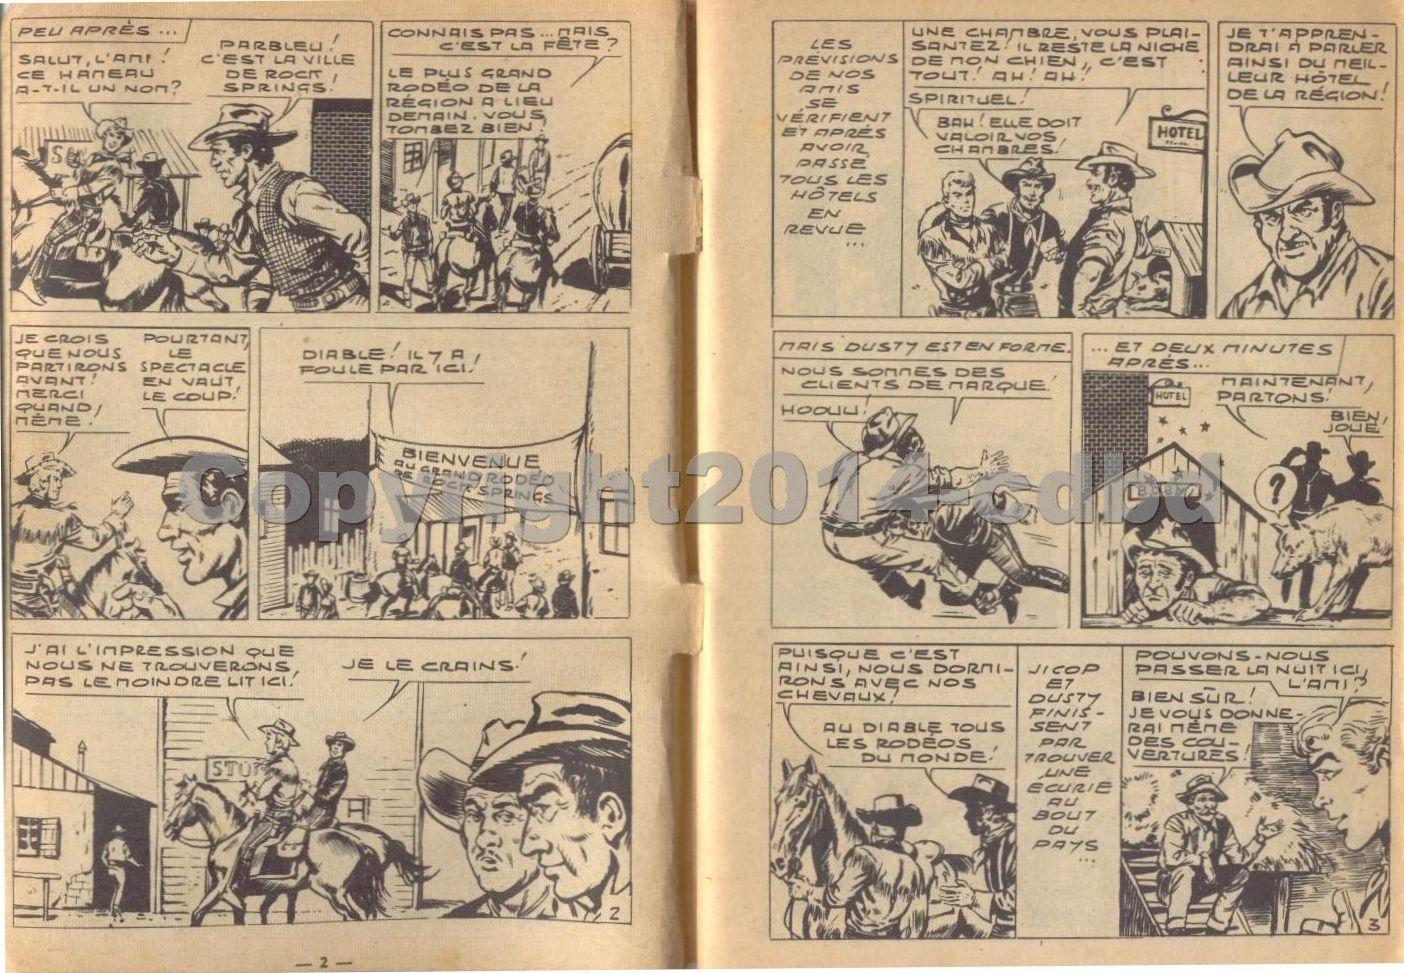 Hondo n°45 du 15 avril 1960- page 1 à 10